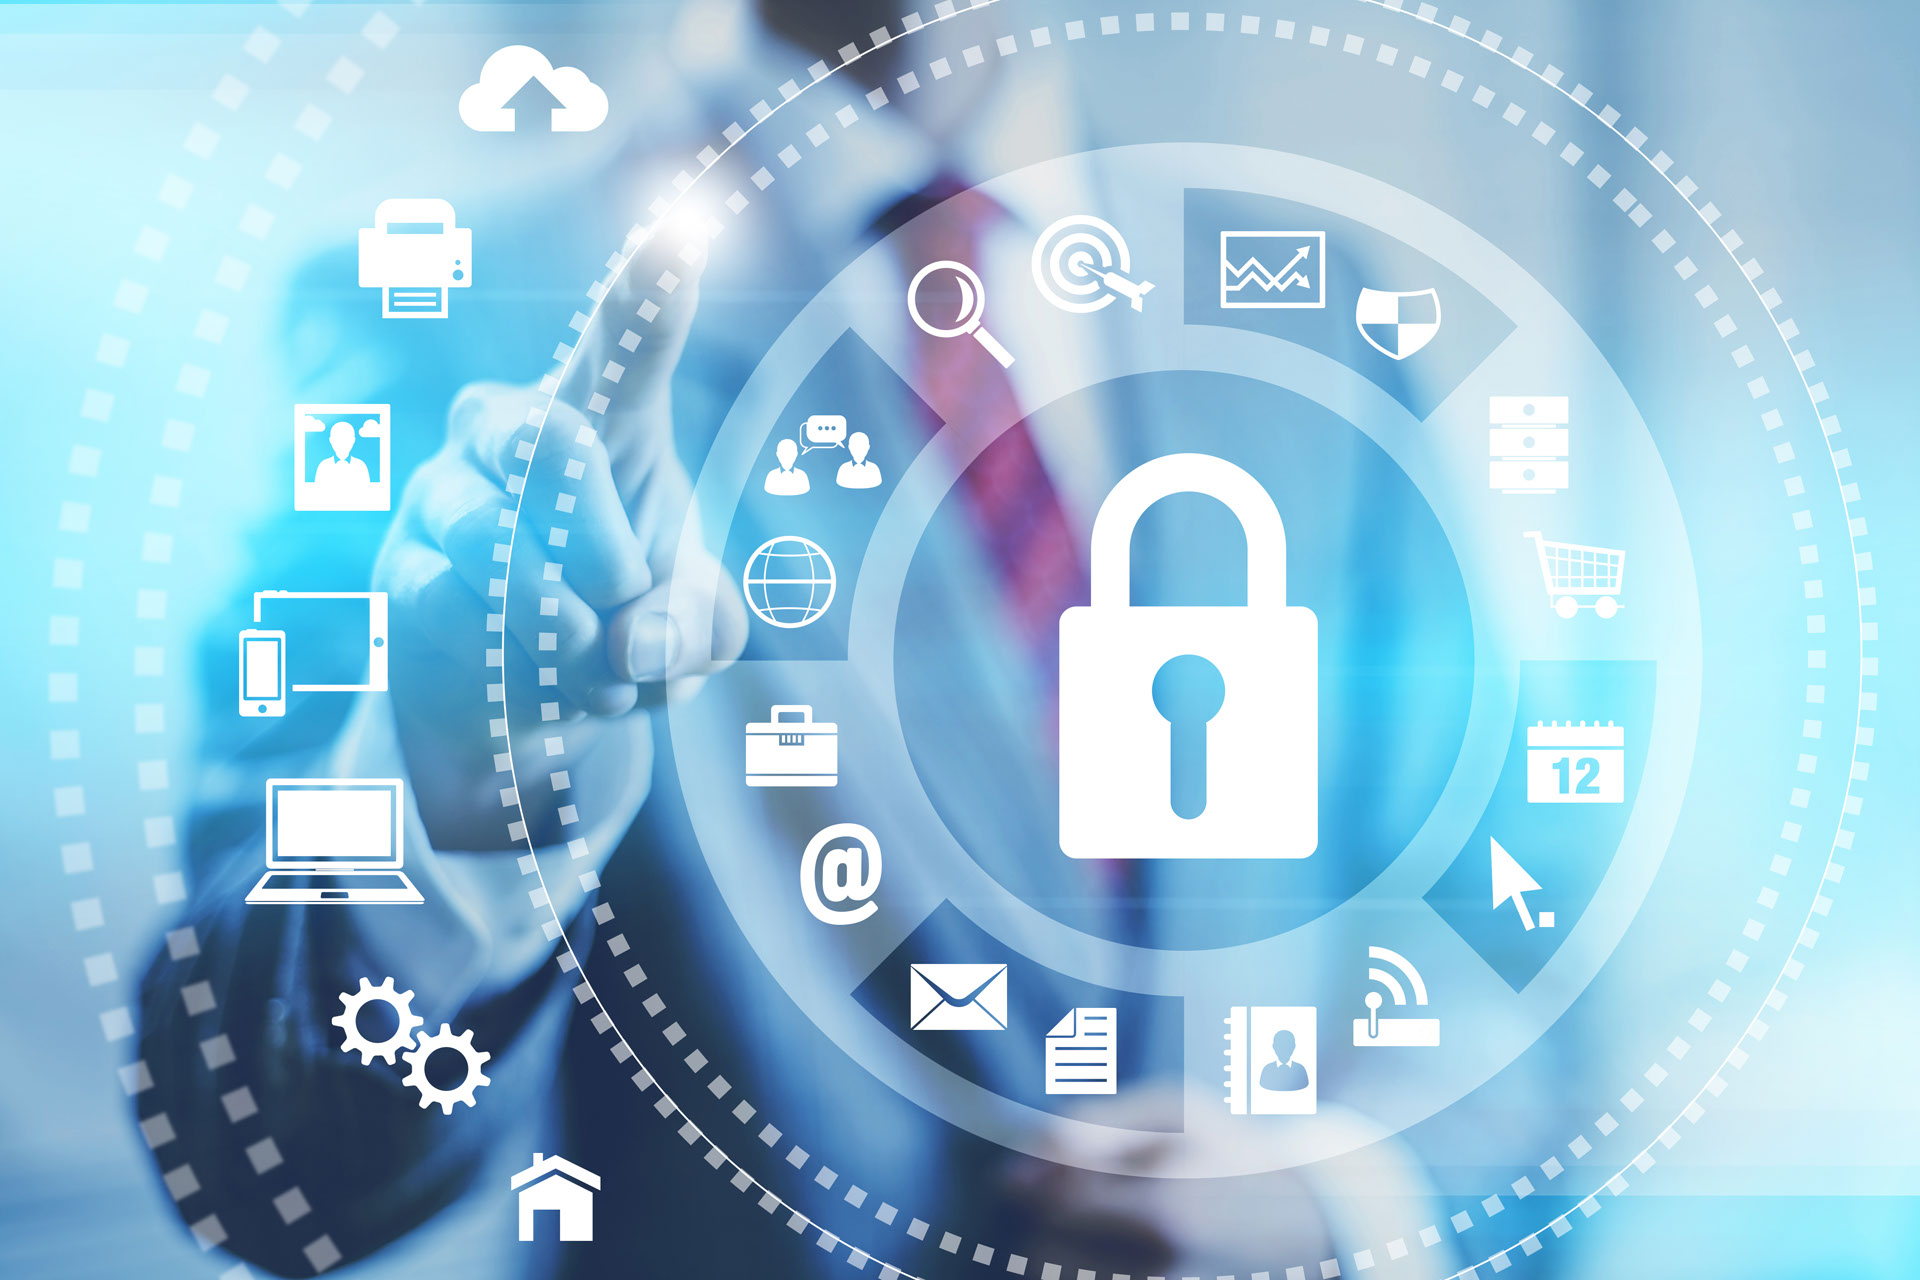 Il 56% delle aziende a rischio per mancanza di una strategia di cybersecurity